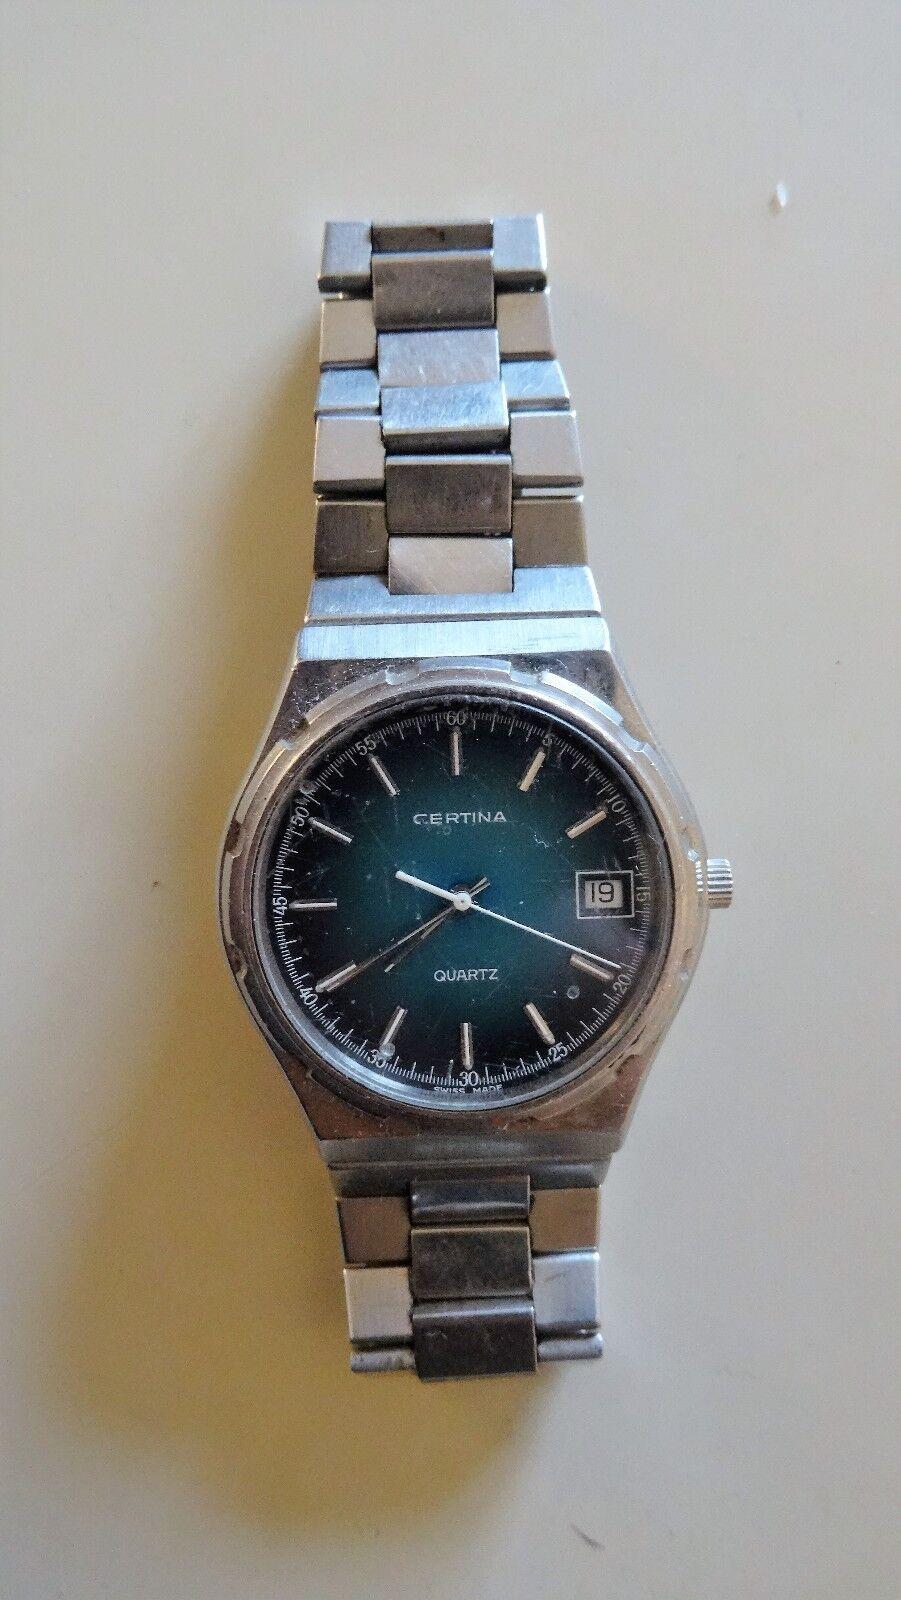 Certina - Orologio Uomo Vintage Uomo Svizzera Watch